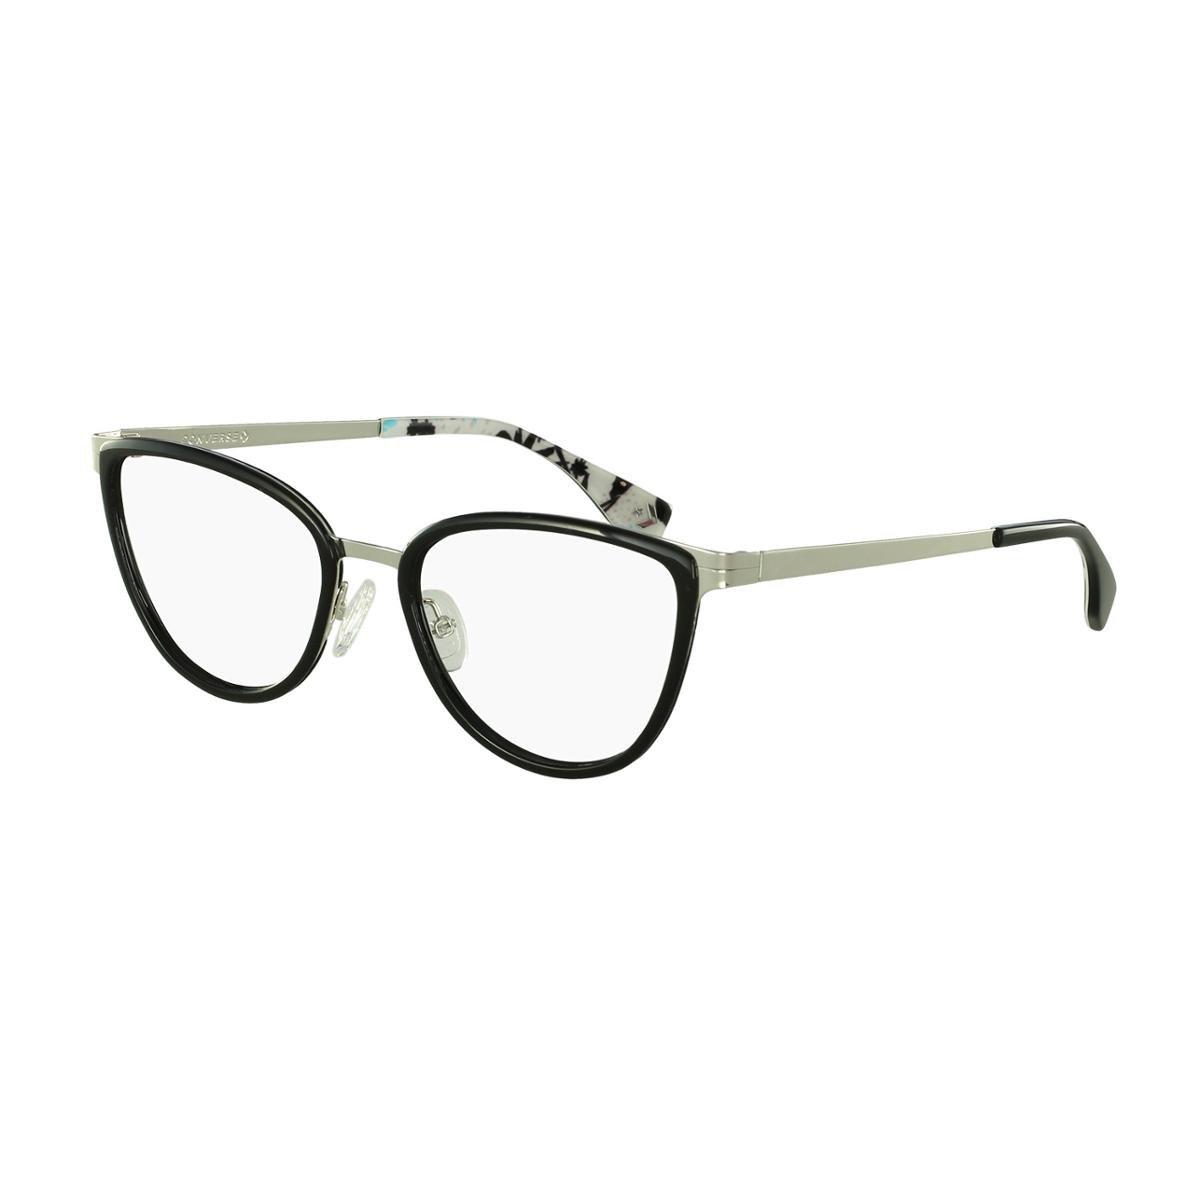 Óculos de Grau Converse Gatinho - Preto - Compre Agora   Zattini cb2999f347